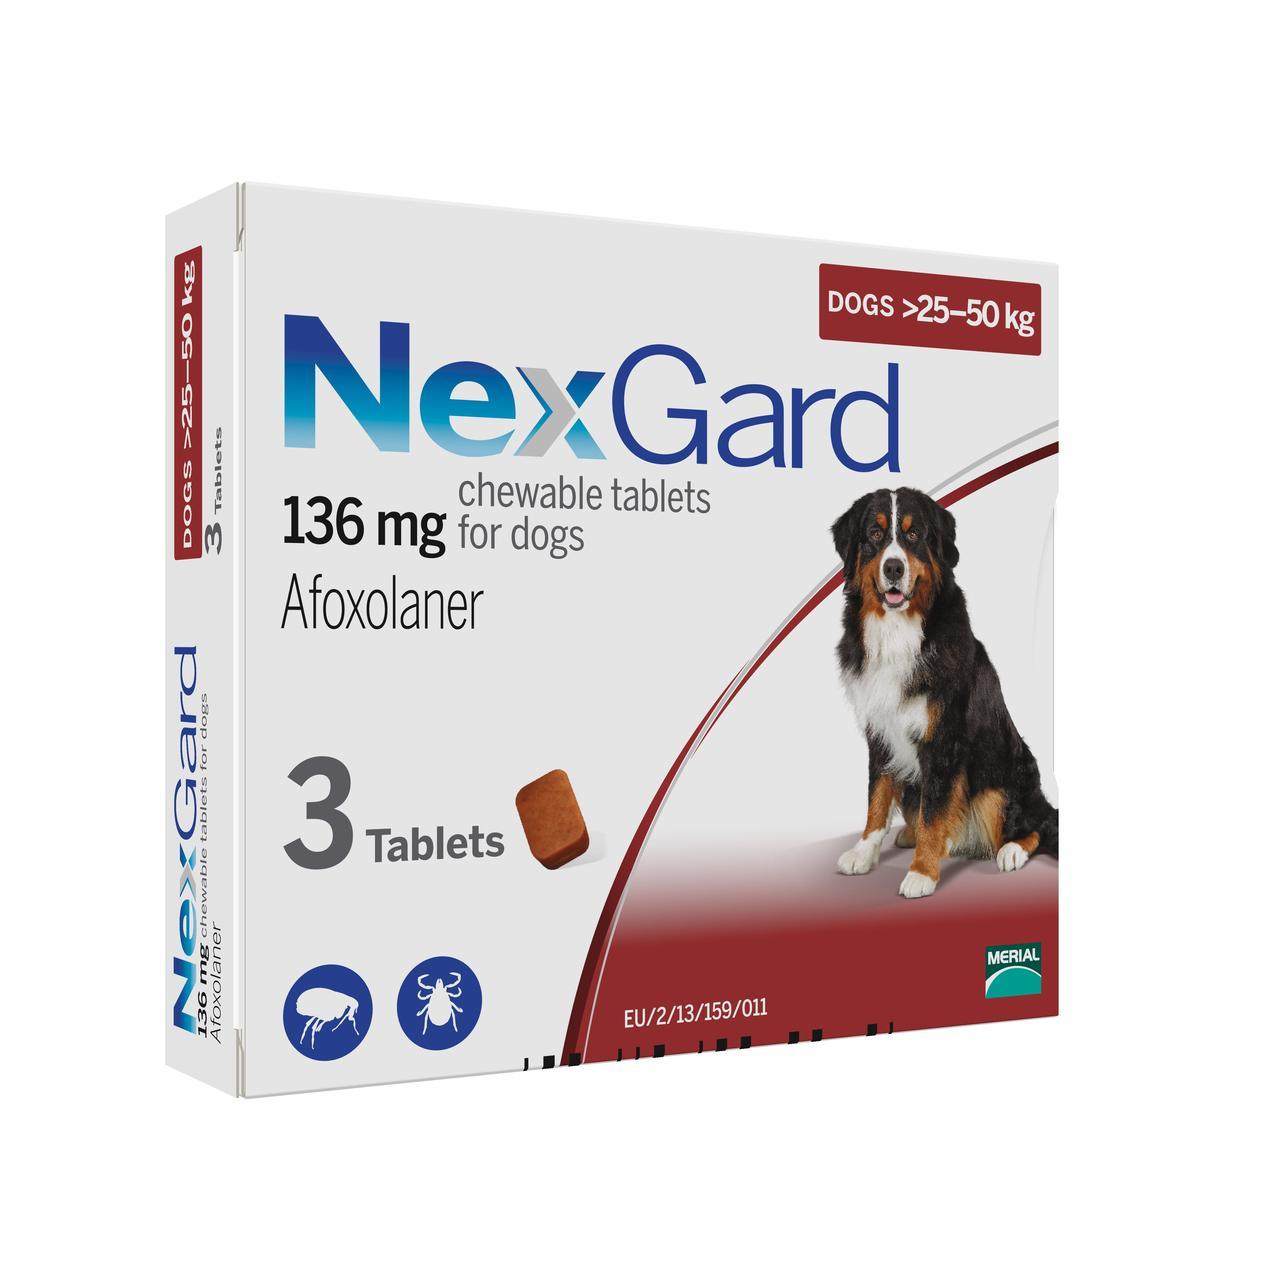 NexGard (НексгарД) XL (25-50кг) - таблетки от блох и клещей в виде жевательных таблеток для собак